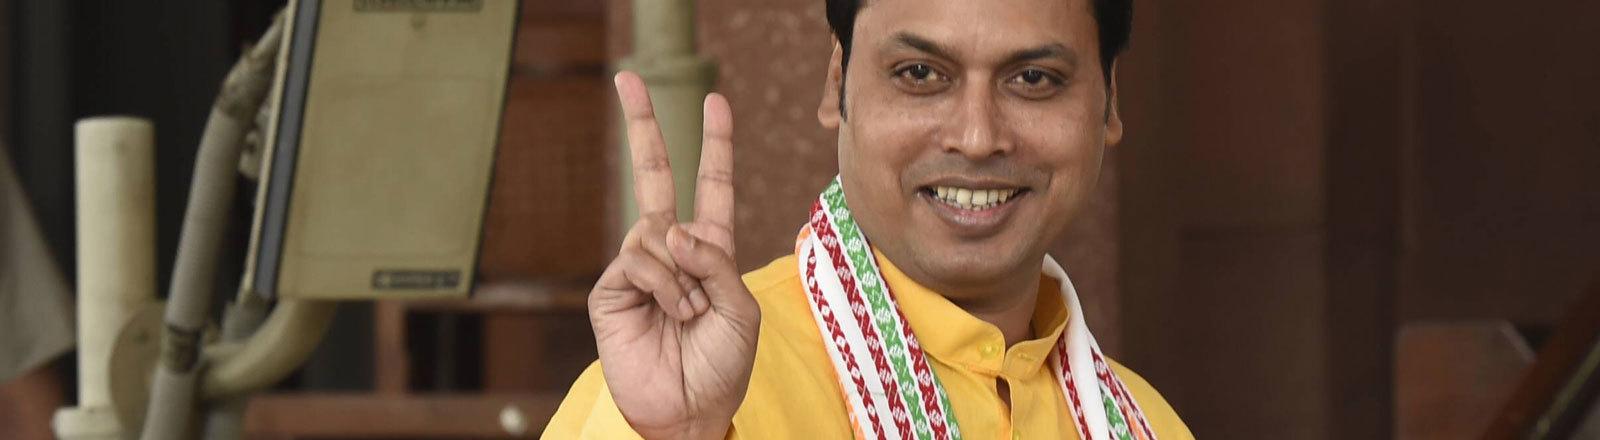 Biplab Kumar Deb, indischer Minister in Tripura